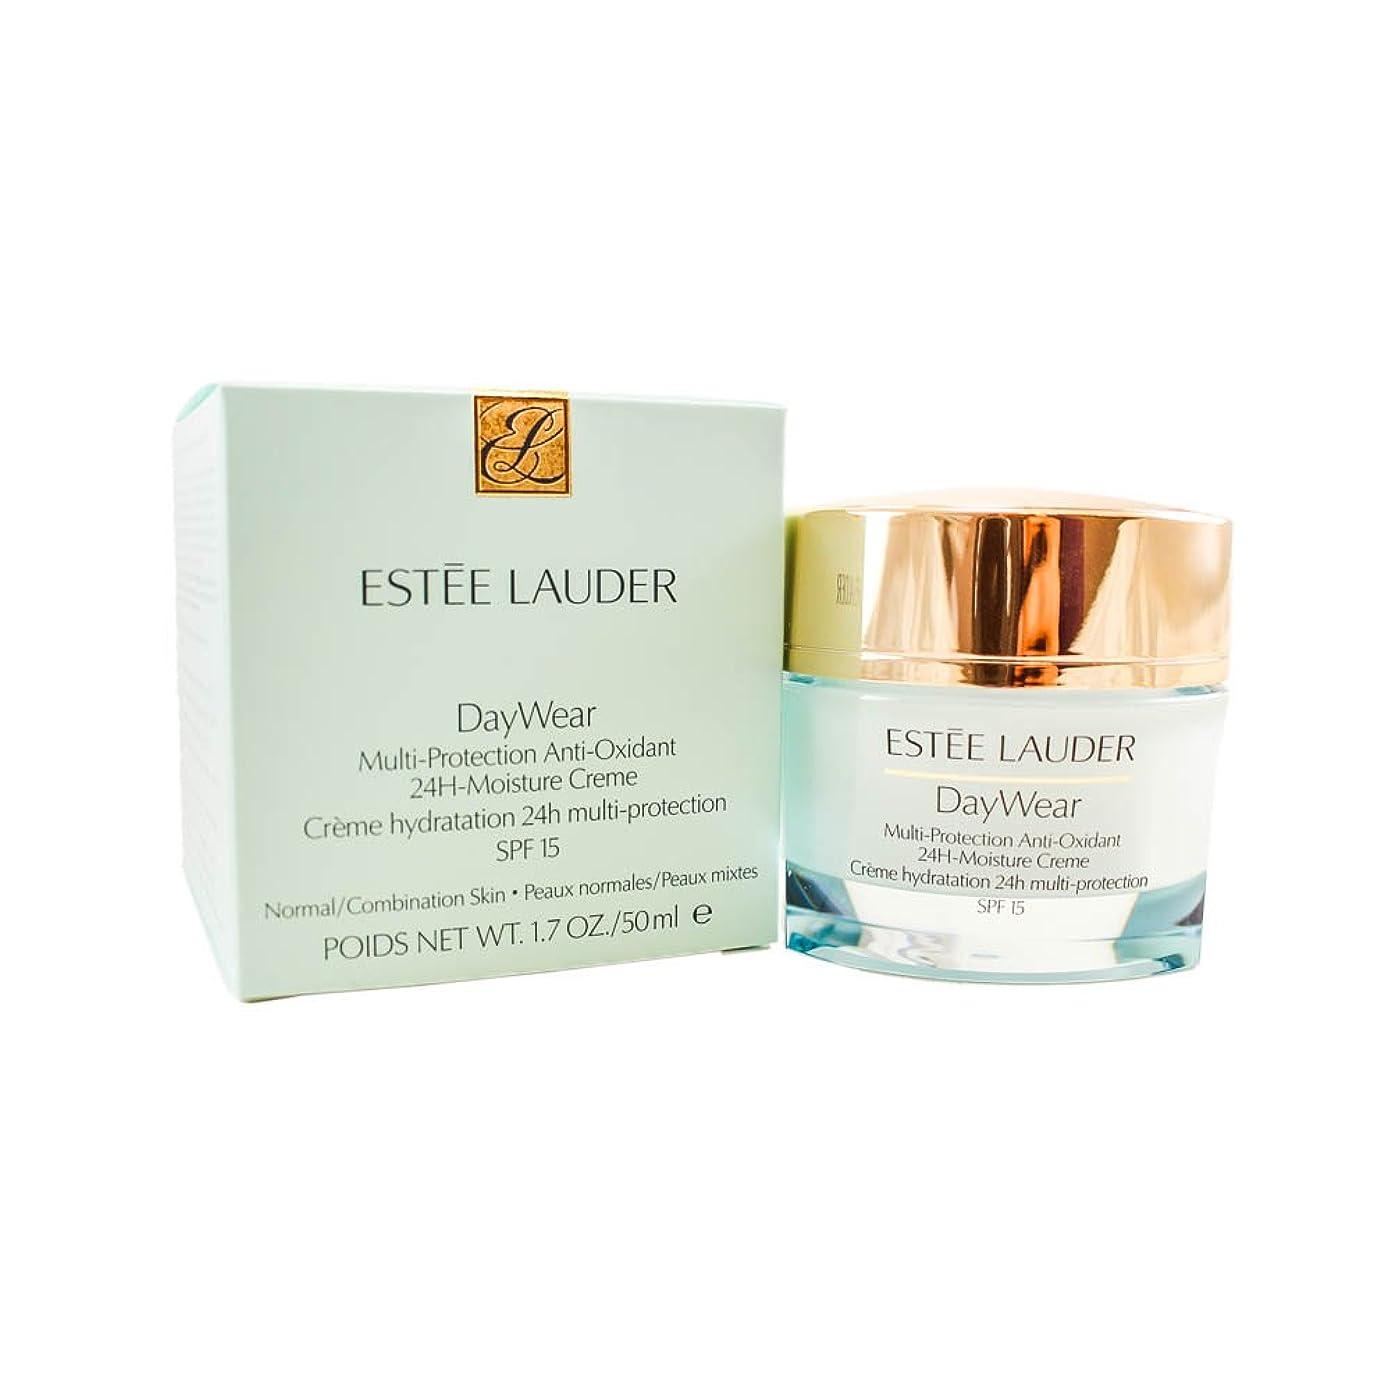 壁紙波紋小道Estee Lauder DAYWEAR Advanced Multi Protection Anti Oxidant Creme SPF15 normal to combination skin 50 ml [海外直送品] [並行輸入品]